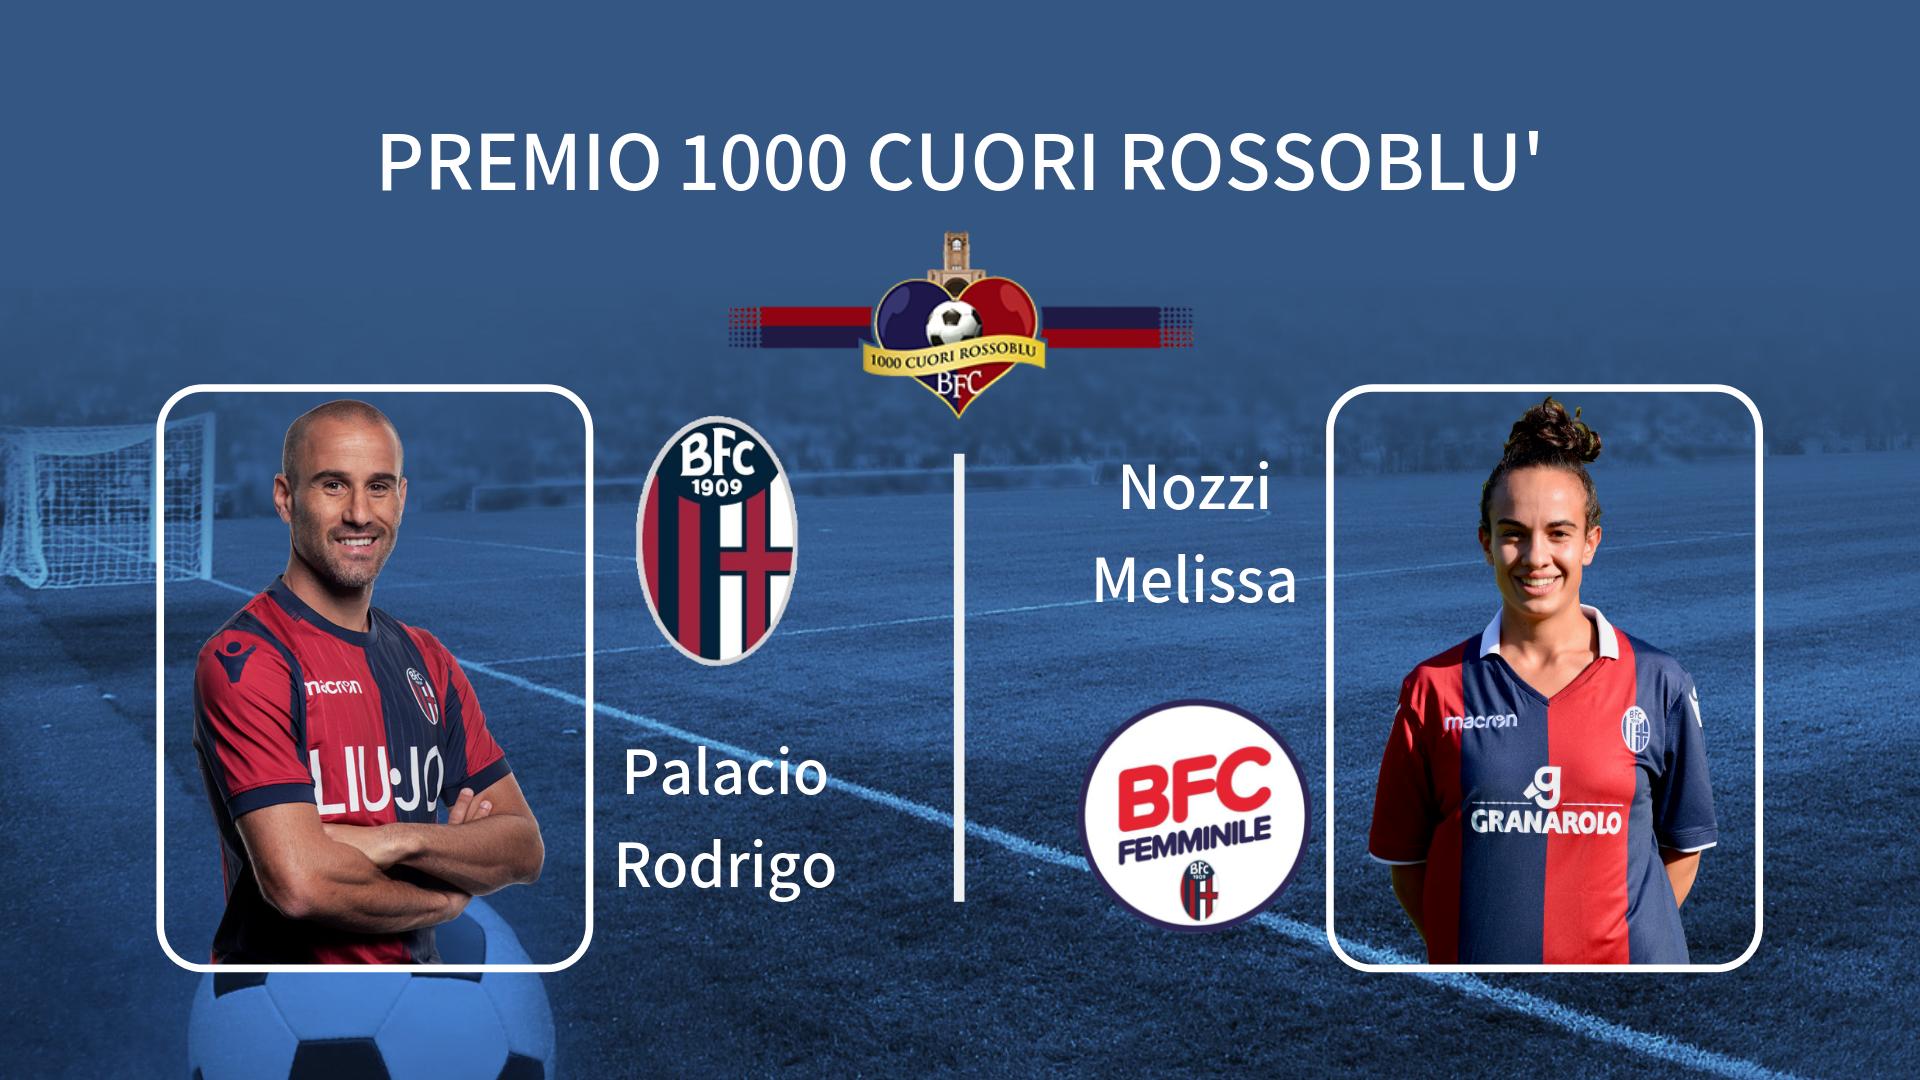 """Nozzi e Palacio vincono il secondo """"Premio 1000 Cuori Rossoblù"""""""